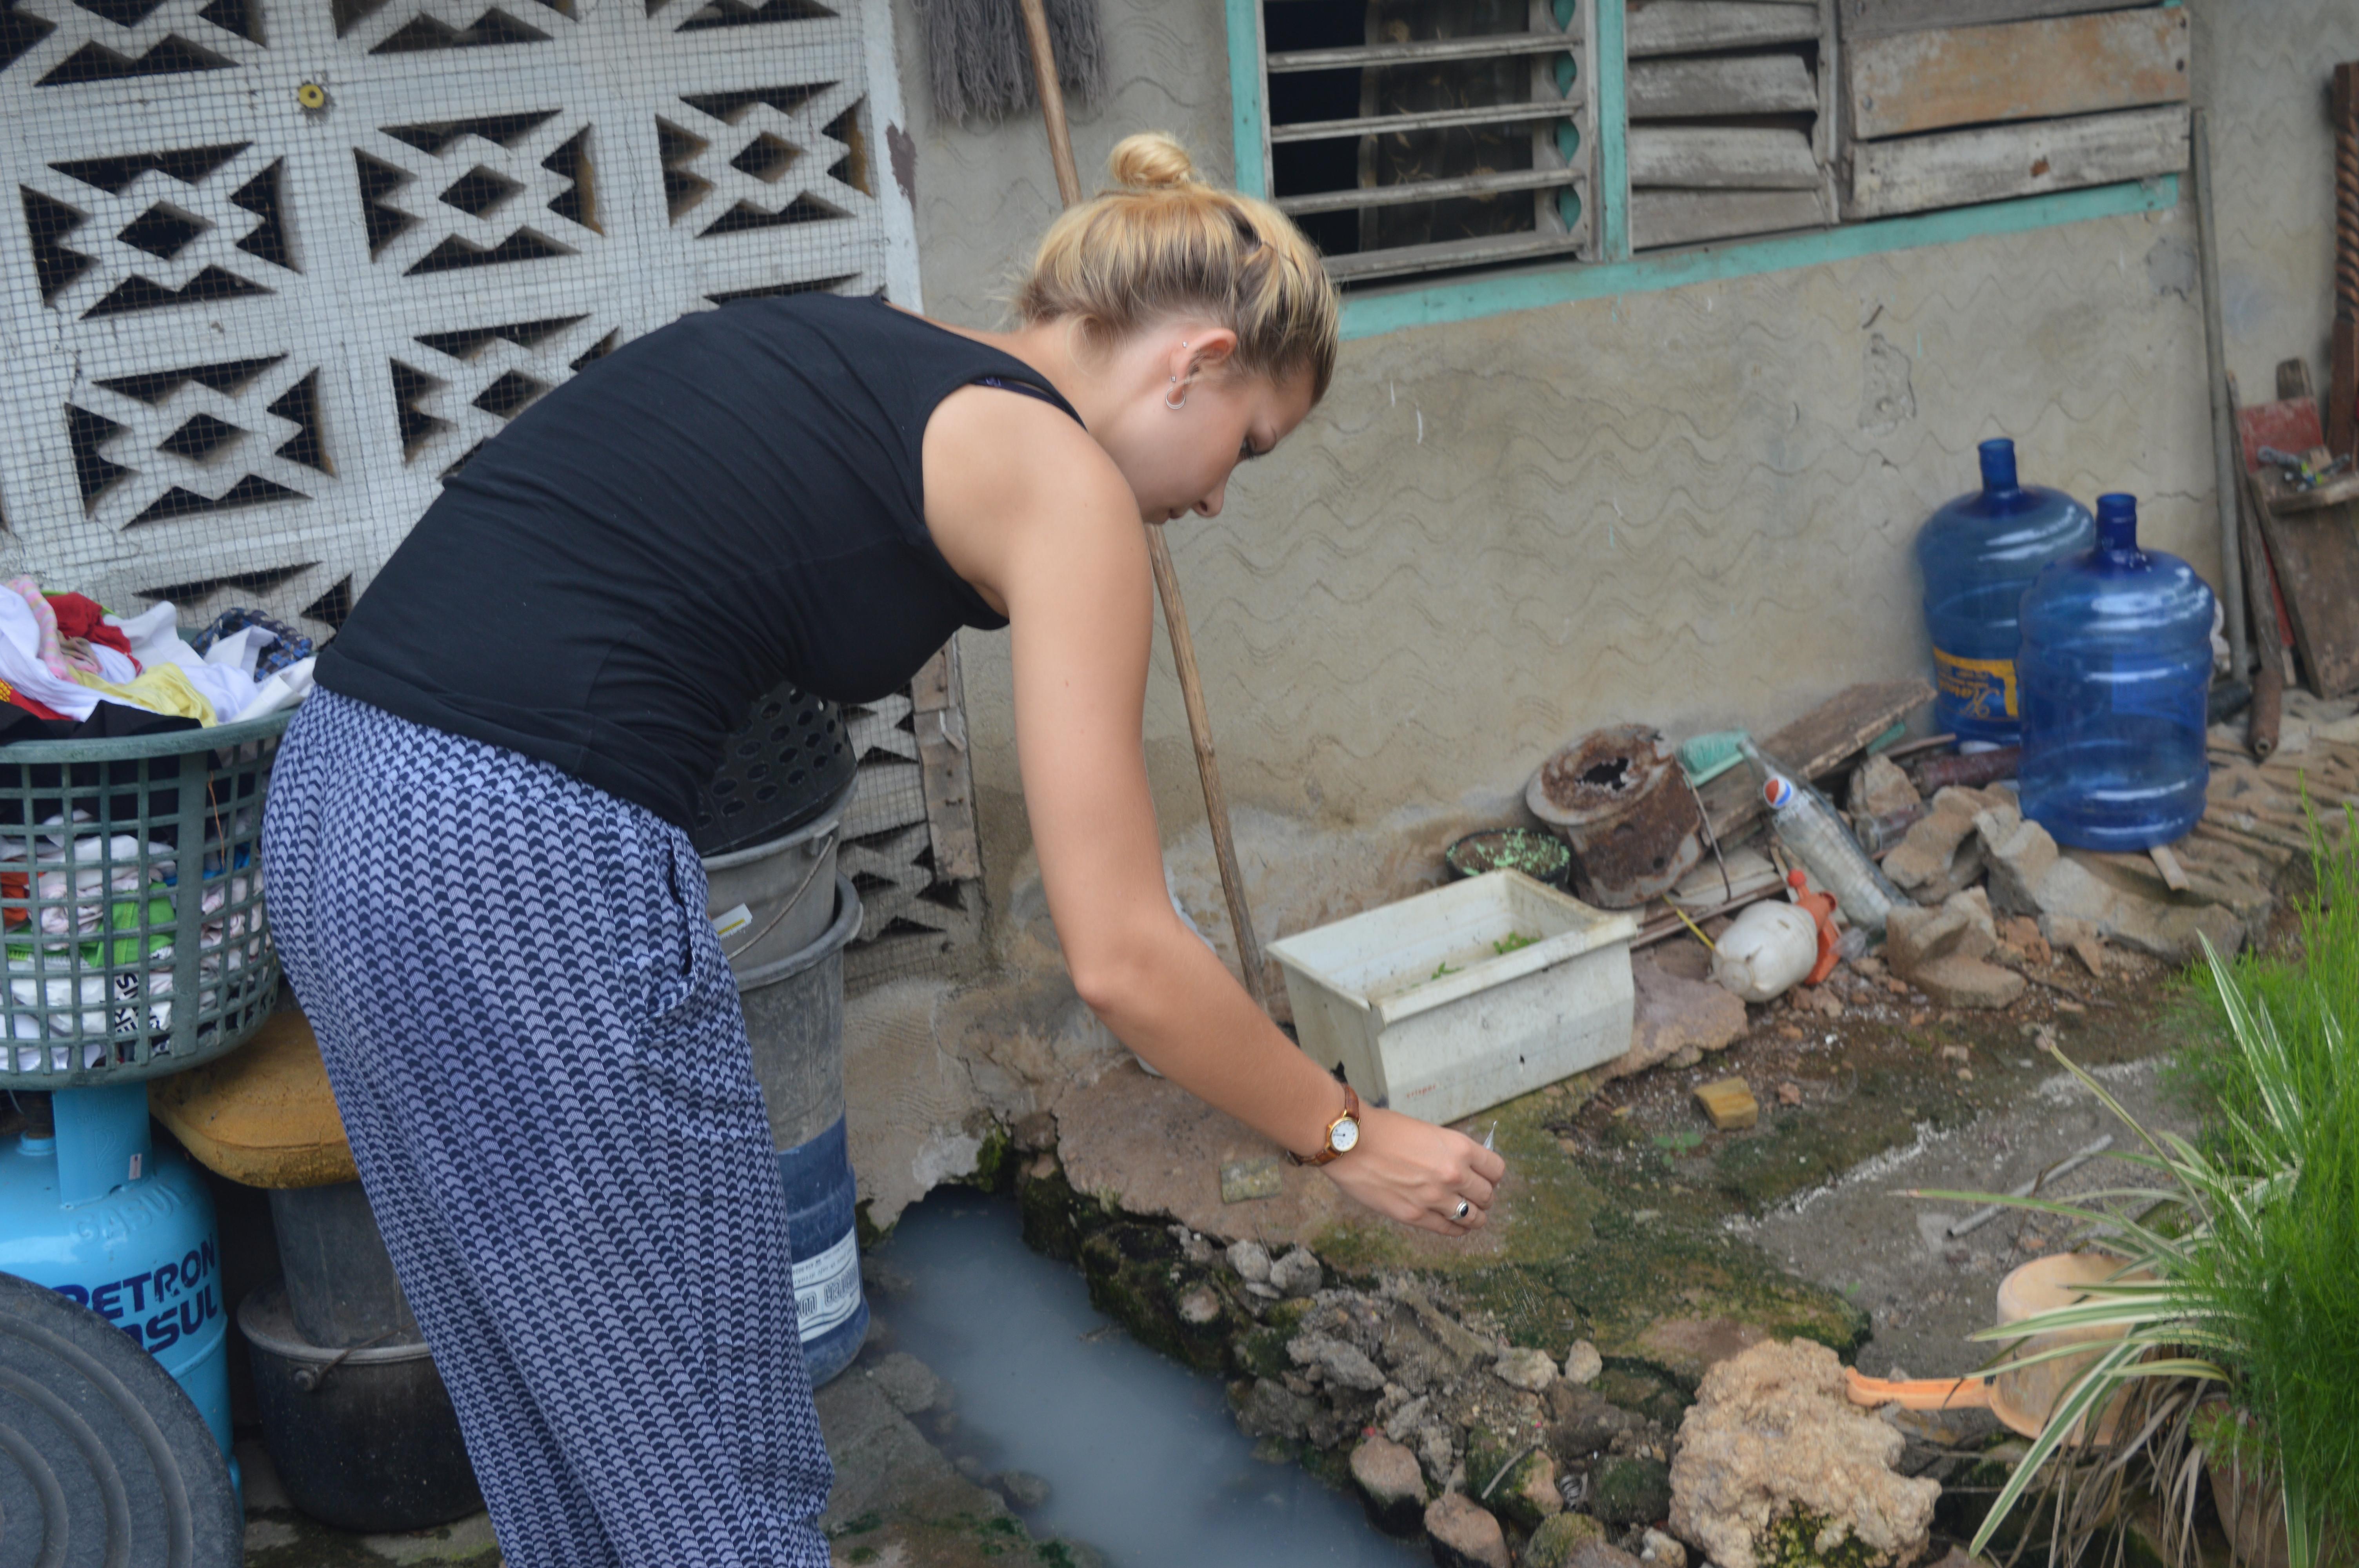 Projects Abroads frivillige demonstrerer overfor lokale familier hvordan man anvender larviciderne i hjemmet for at undgå spredning af Dengue-feber.